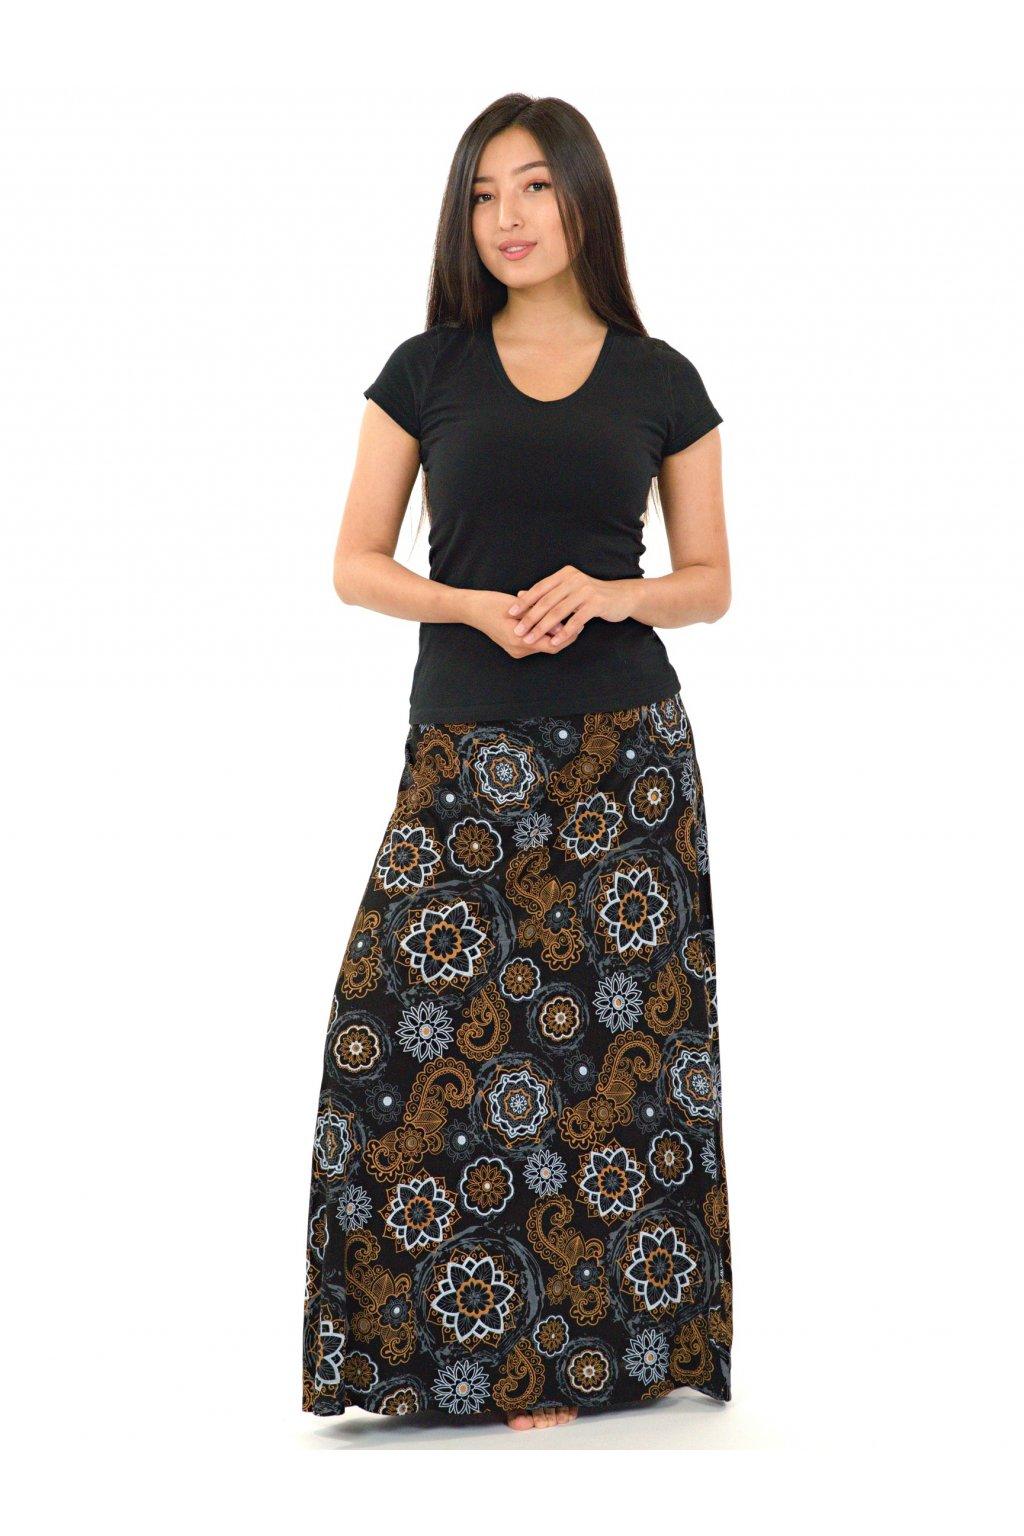 Dlouhá sukně Bora- černá s béžovou